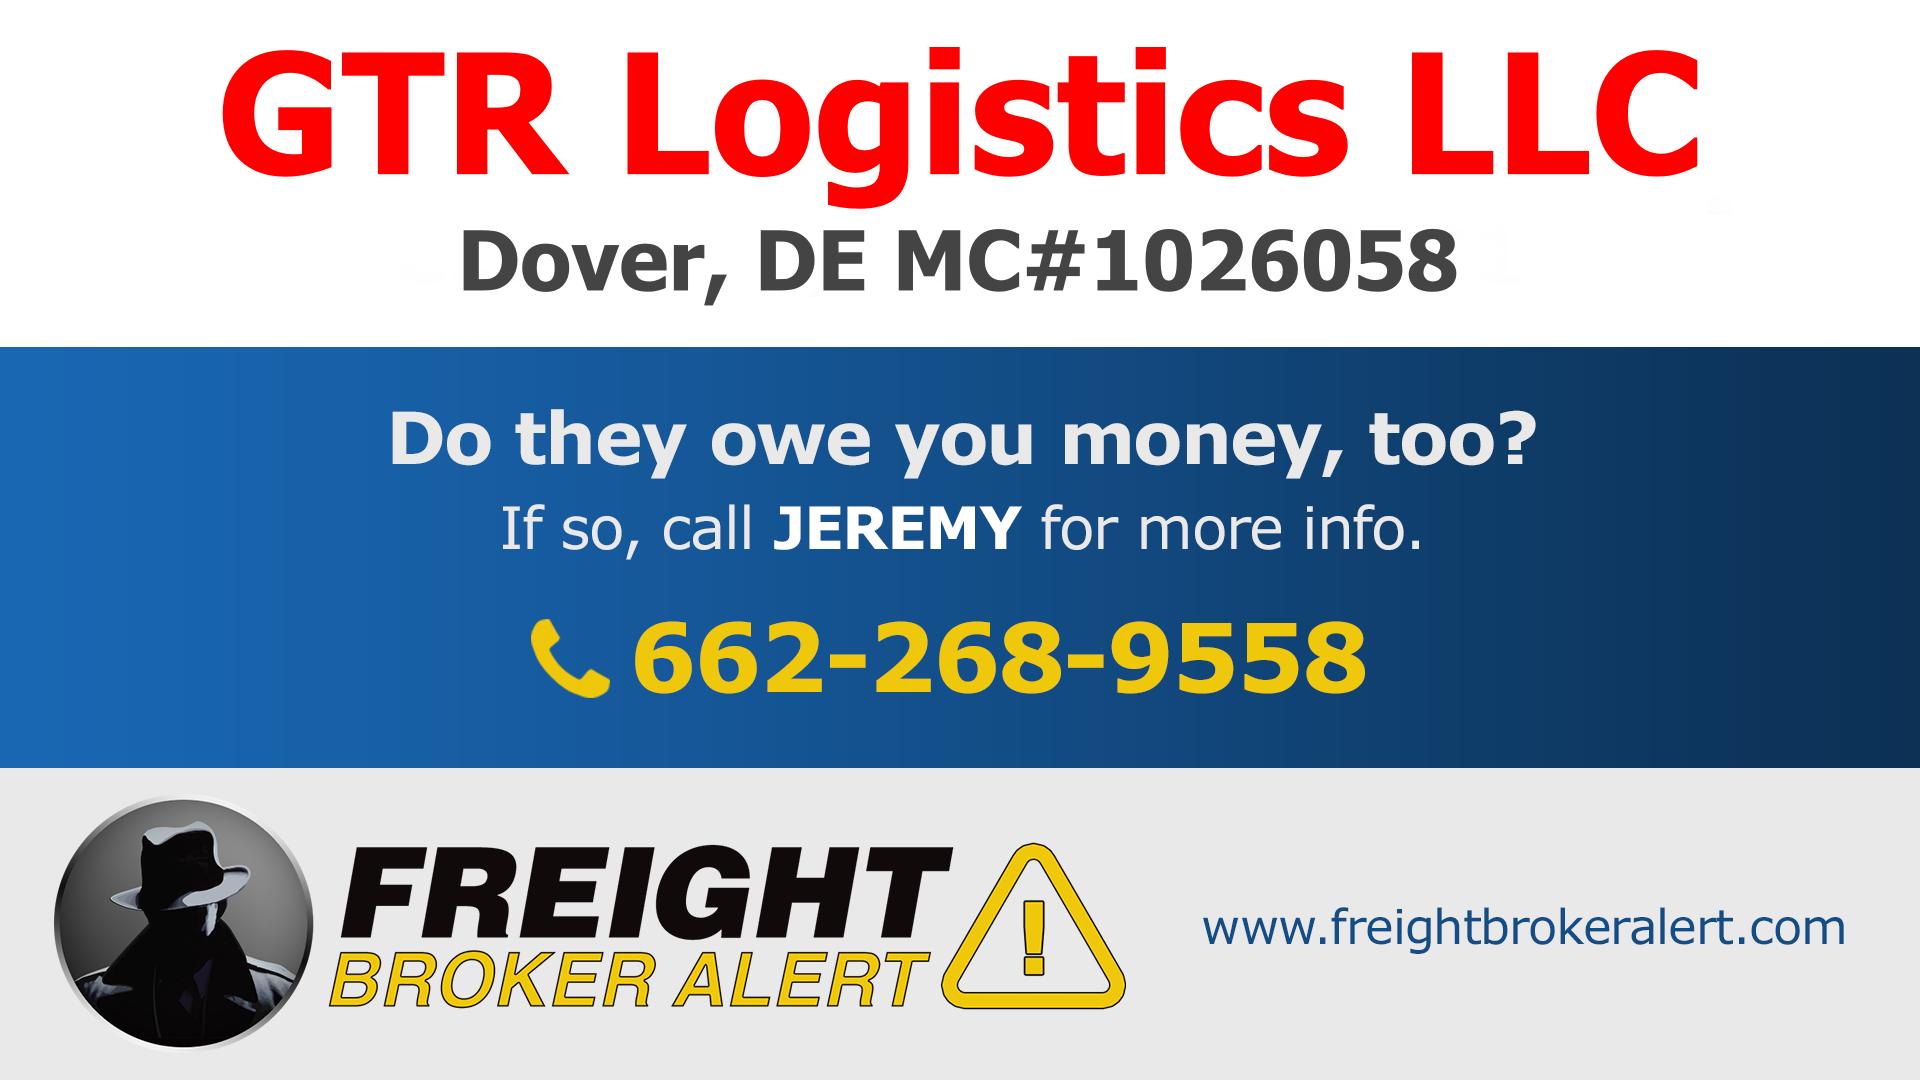 GTR Logistics LLC Delaware